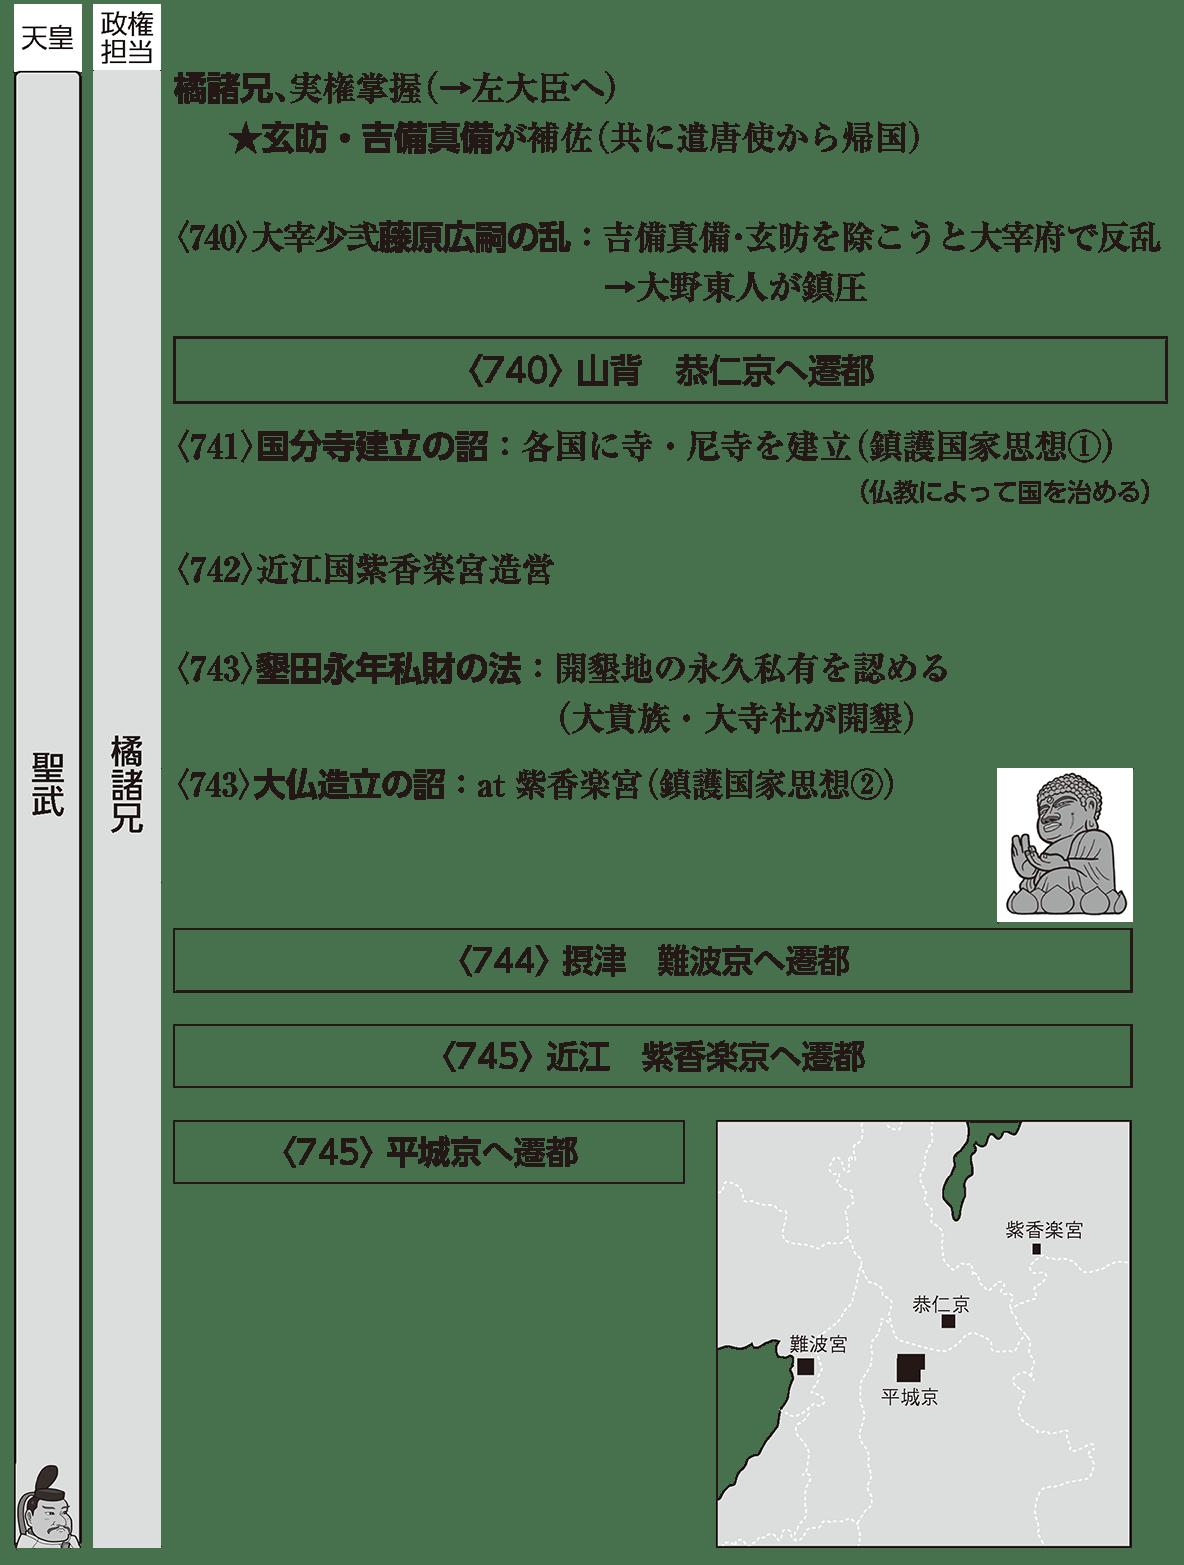 奈良時代2 ポイント1 左棒で橘諸兄の部分、左ページも右ページも